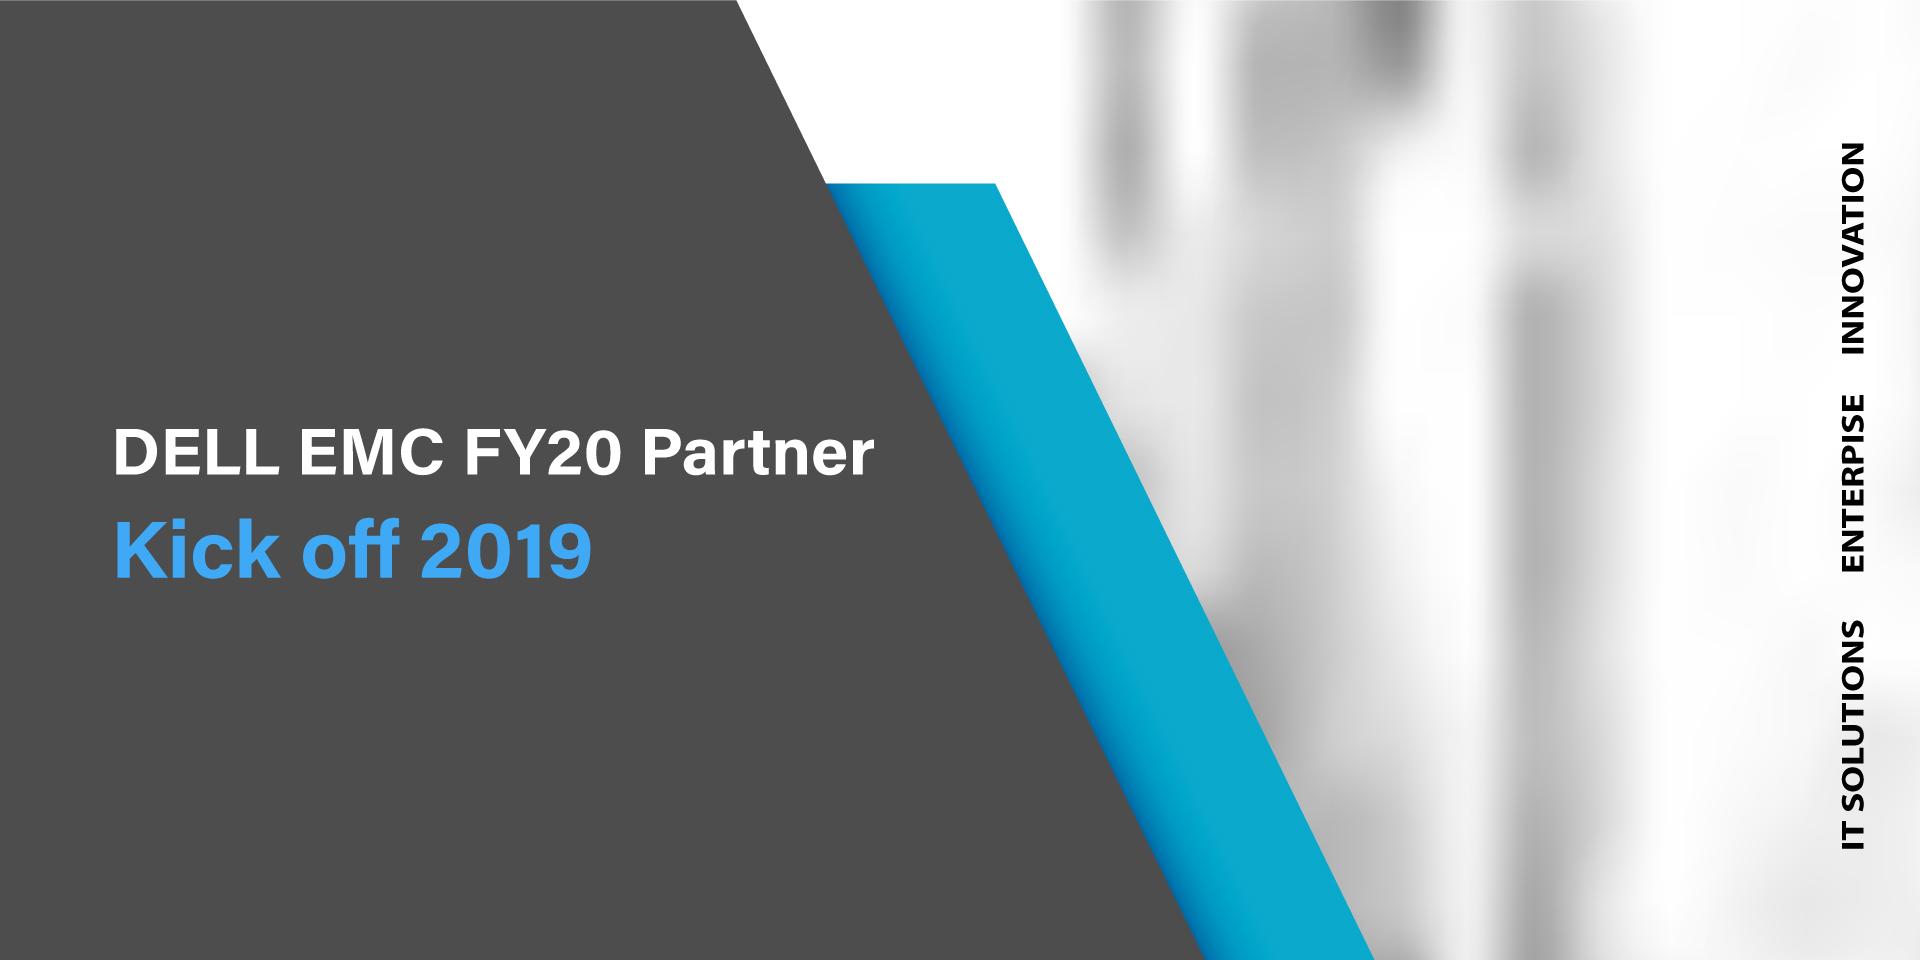 Kick-off-2019DELL-EMC-FY20-Partner.1